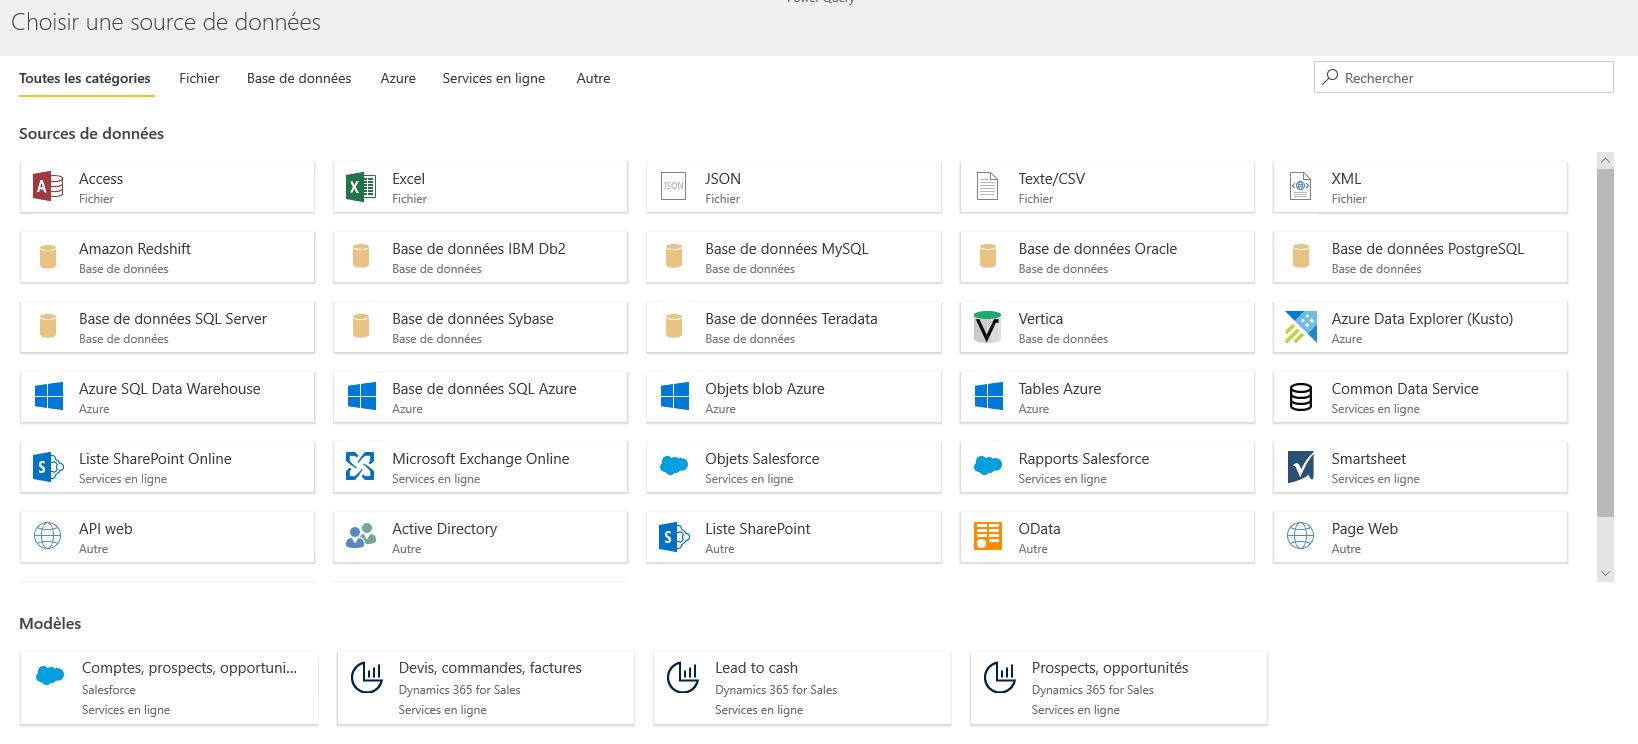 Choisir une source de données Dataflows